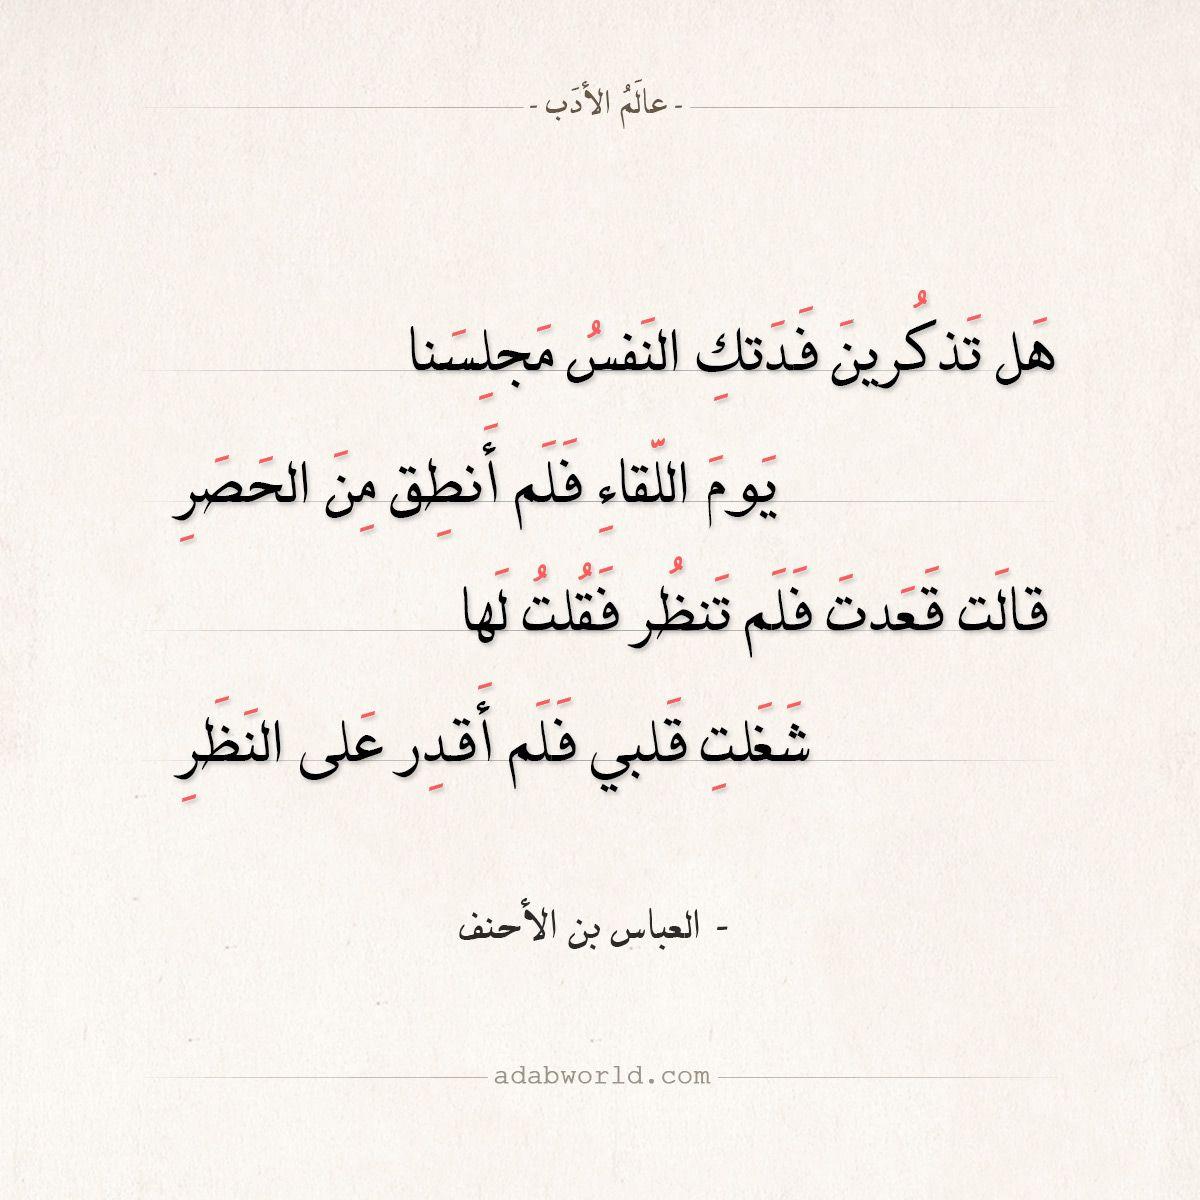 شعر العباس بن الأحنف هل تذكرين فدتك النفس مجلسنا عالم الأدب Words Quotes Friends Quotes Arabic Love Quotes